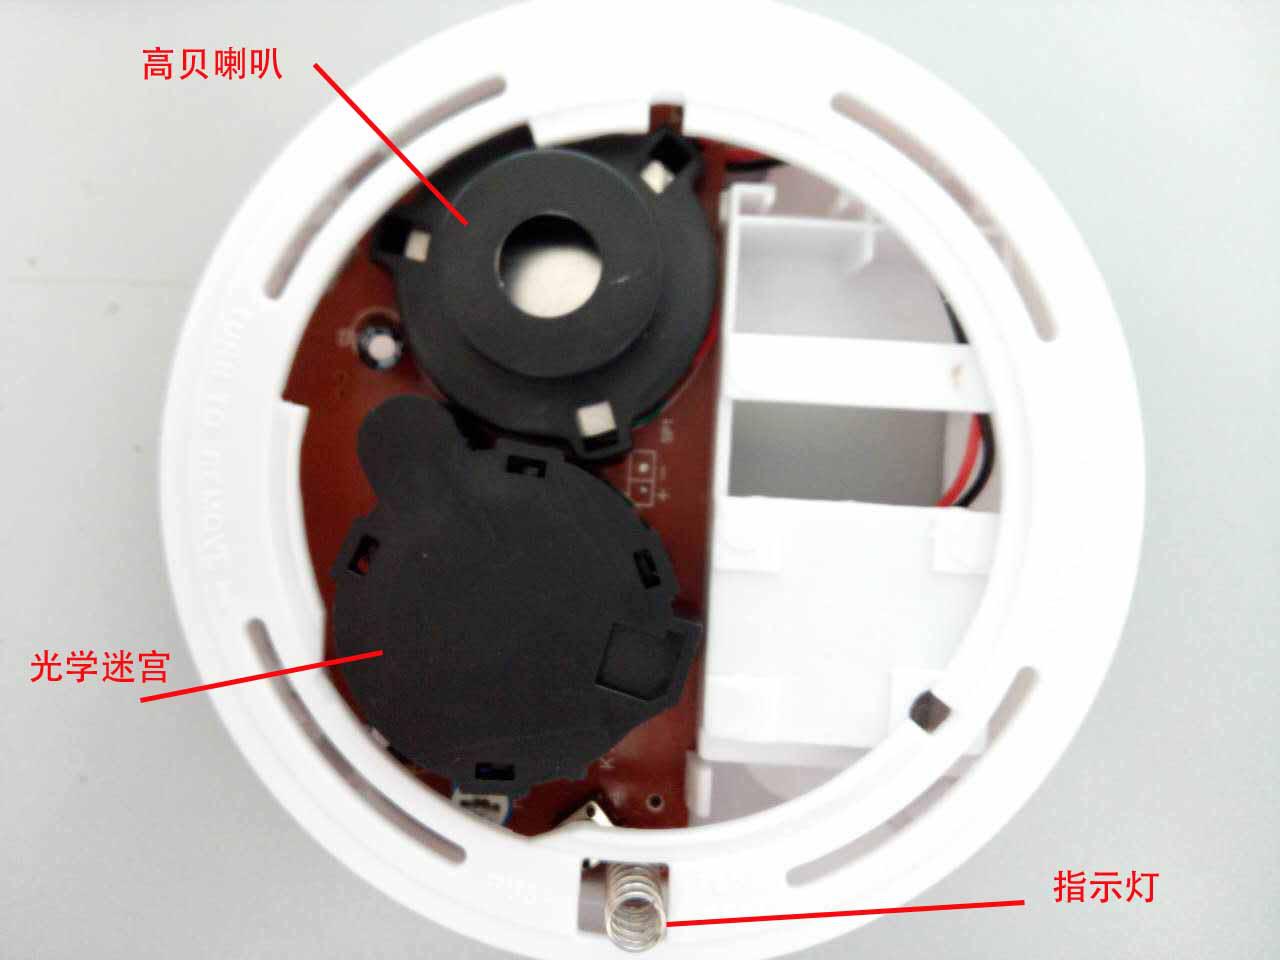 钱柜娱乐国际_应用在光电式烟雾传感器上的发射管和接收管